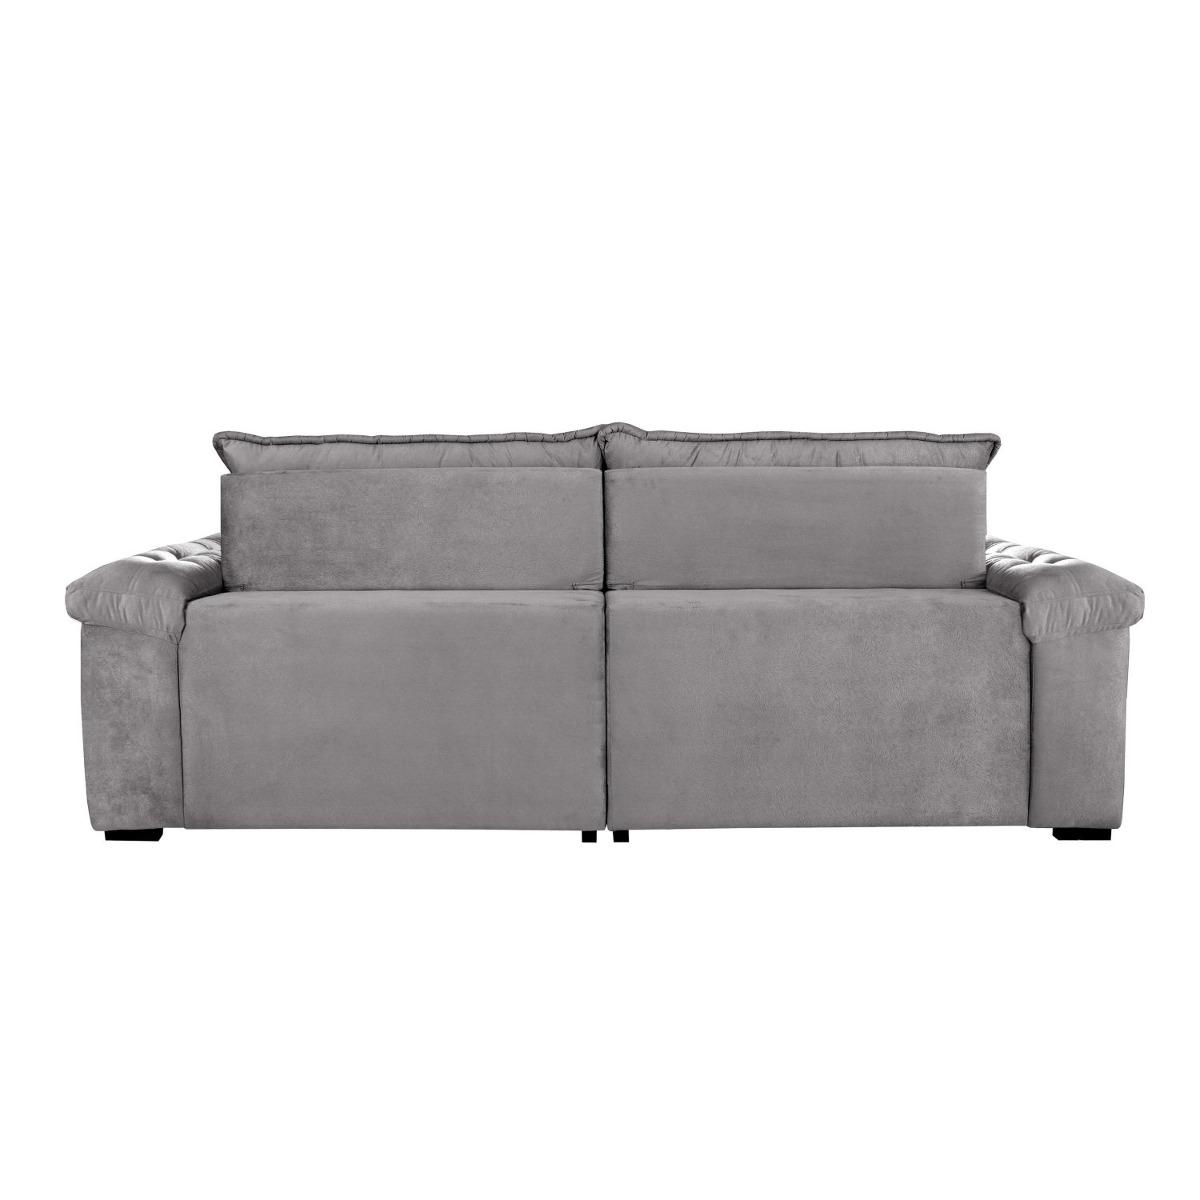 5f325cae2 sofá retrátil e reclinável 3 lugares itaguaí if. Carregando zoom.